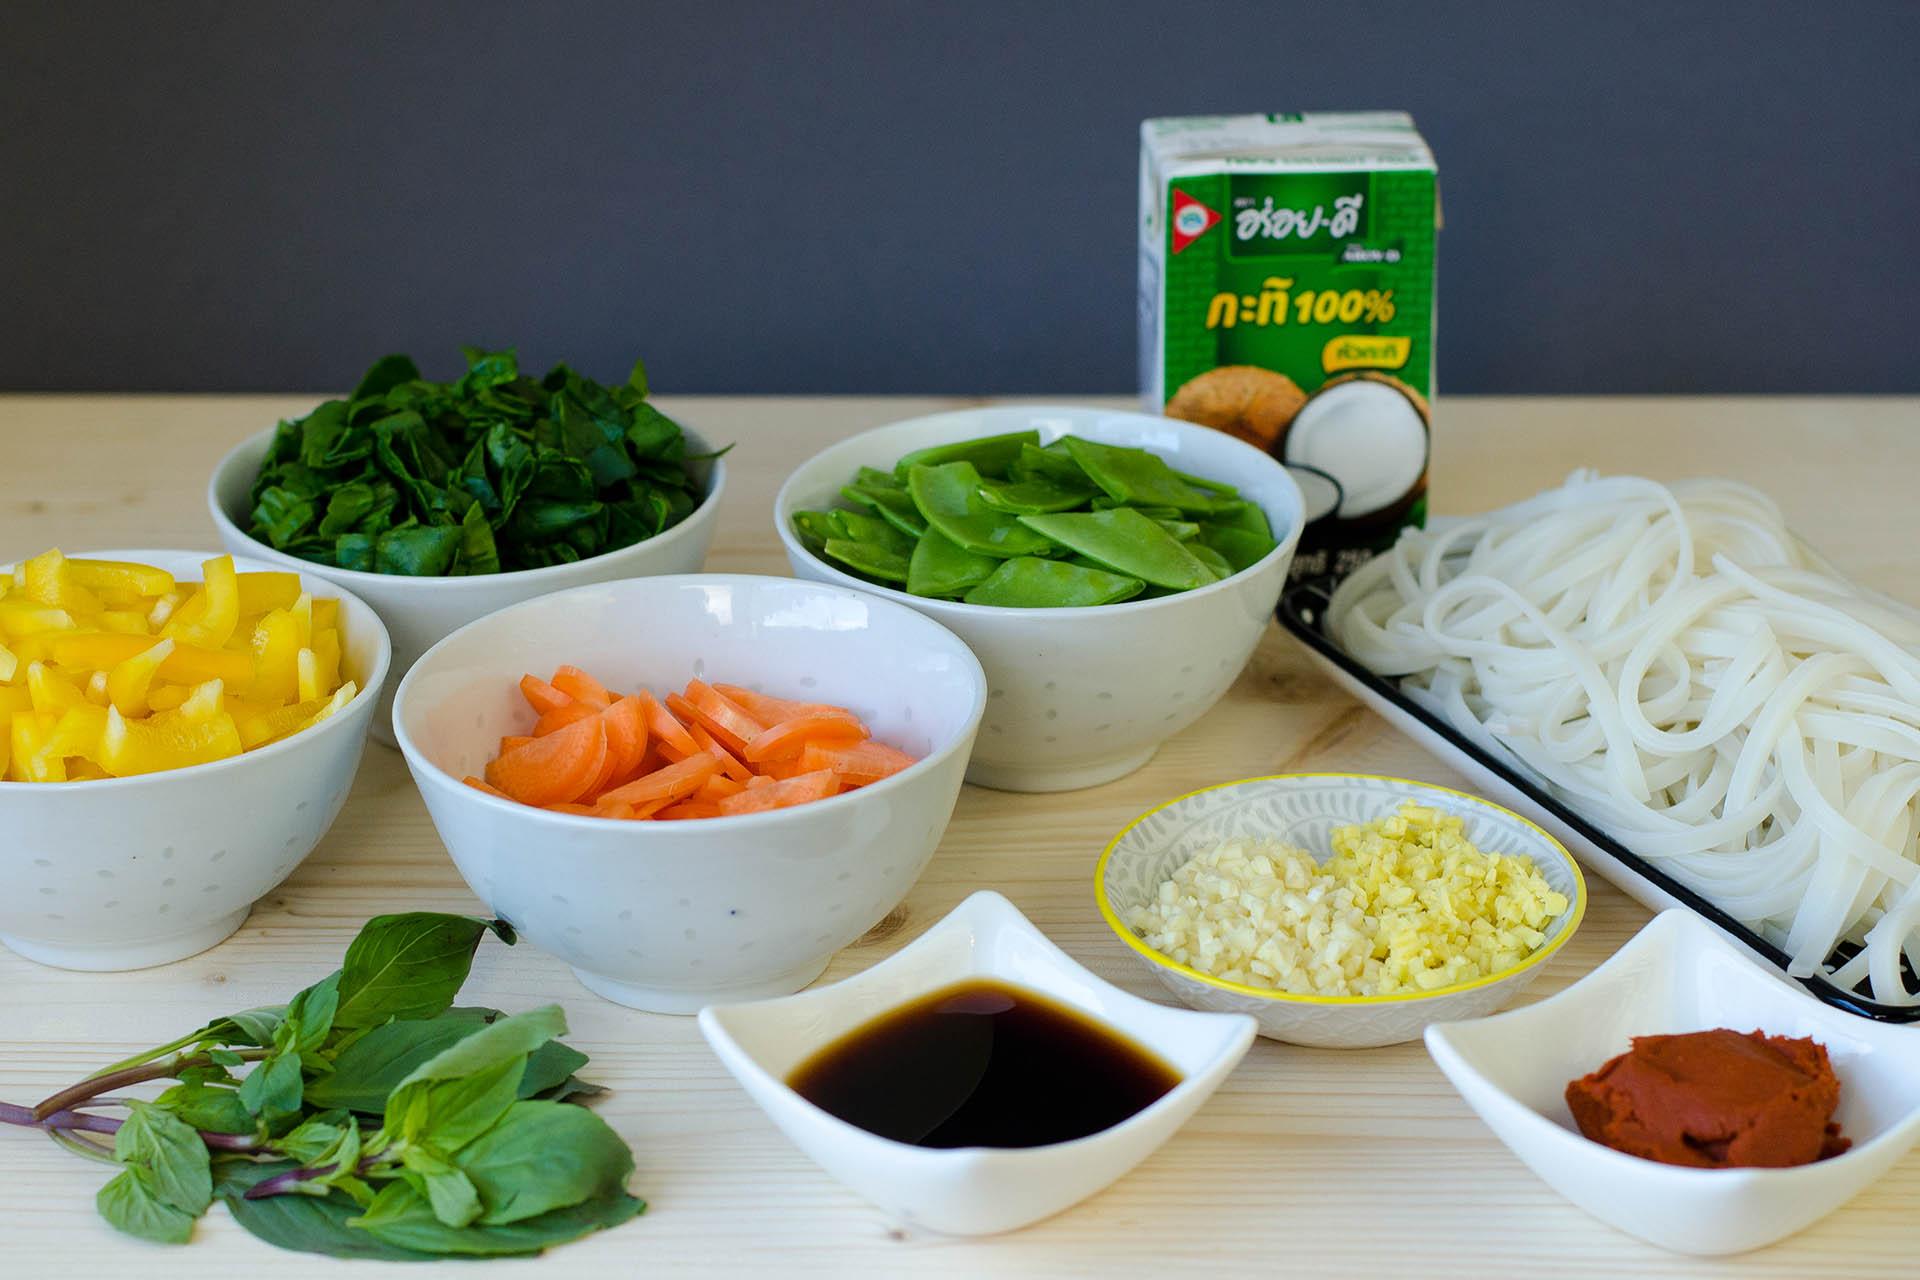 Zutaten für Thai Curry Nudeln im Wokpiraten Style klein geschnitten